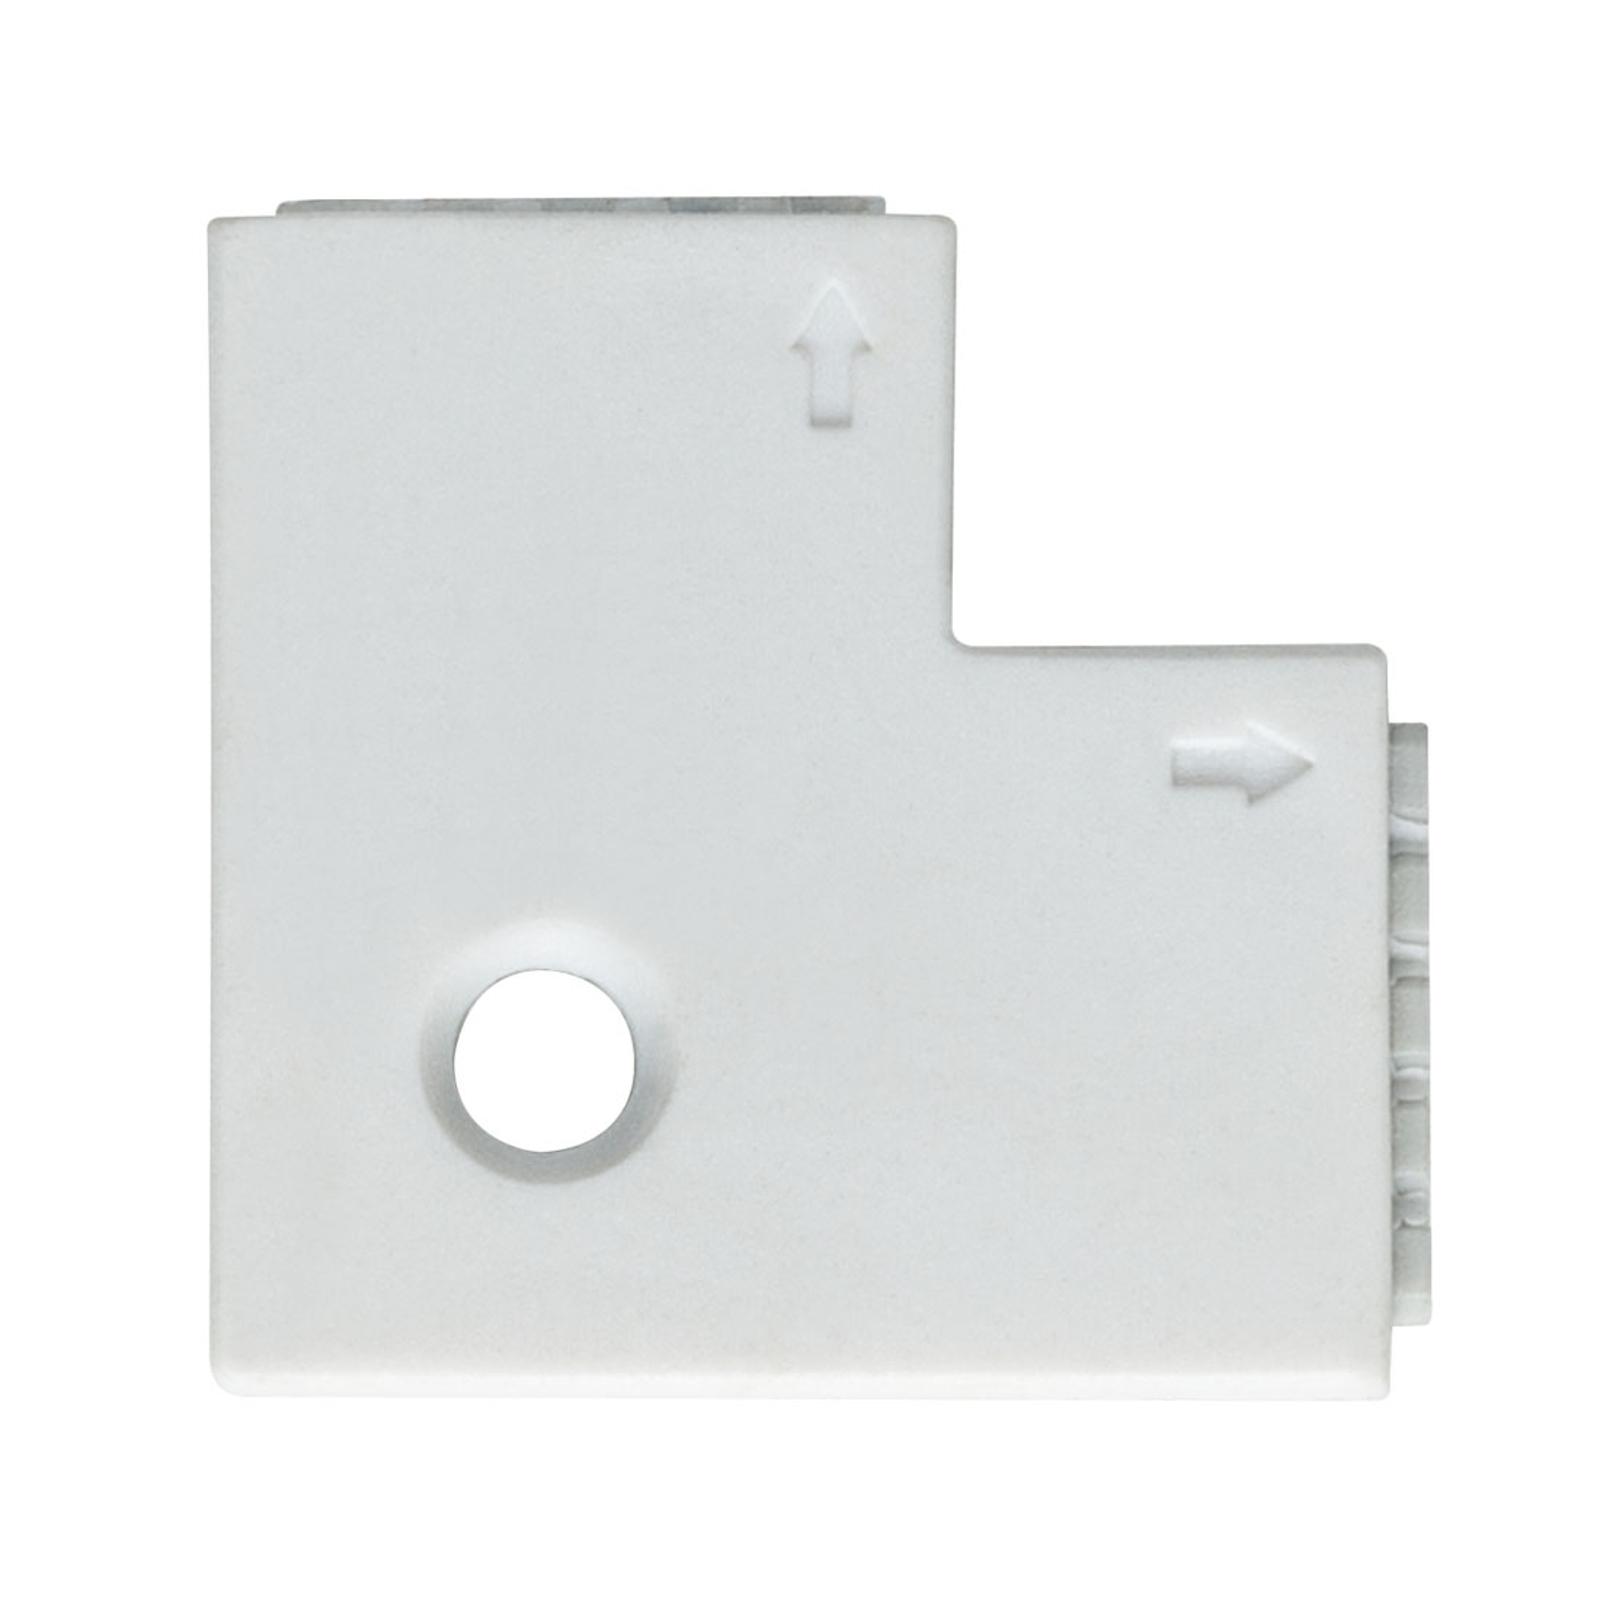 Paulmann MaxLED Eckverbinder 90°, 4er weiß